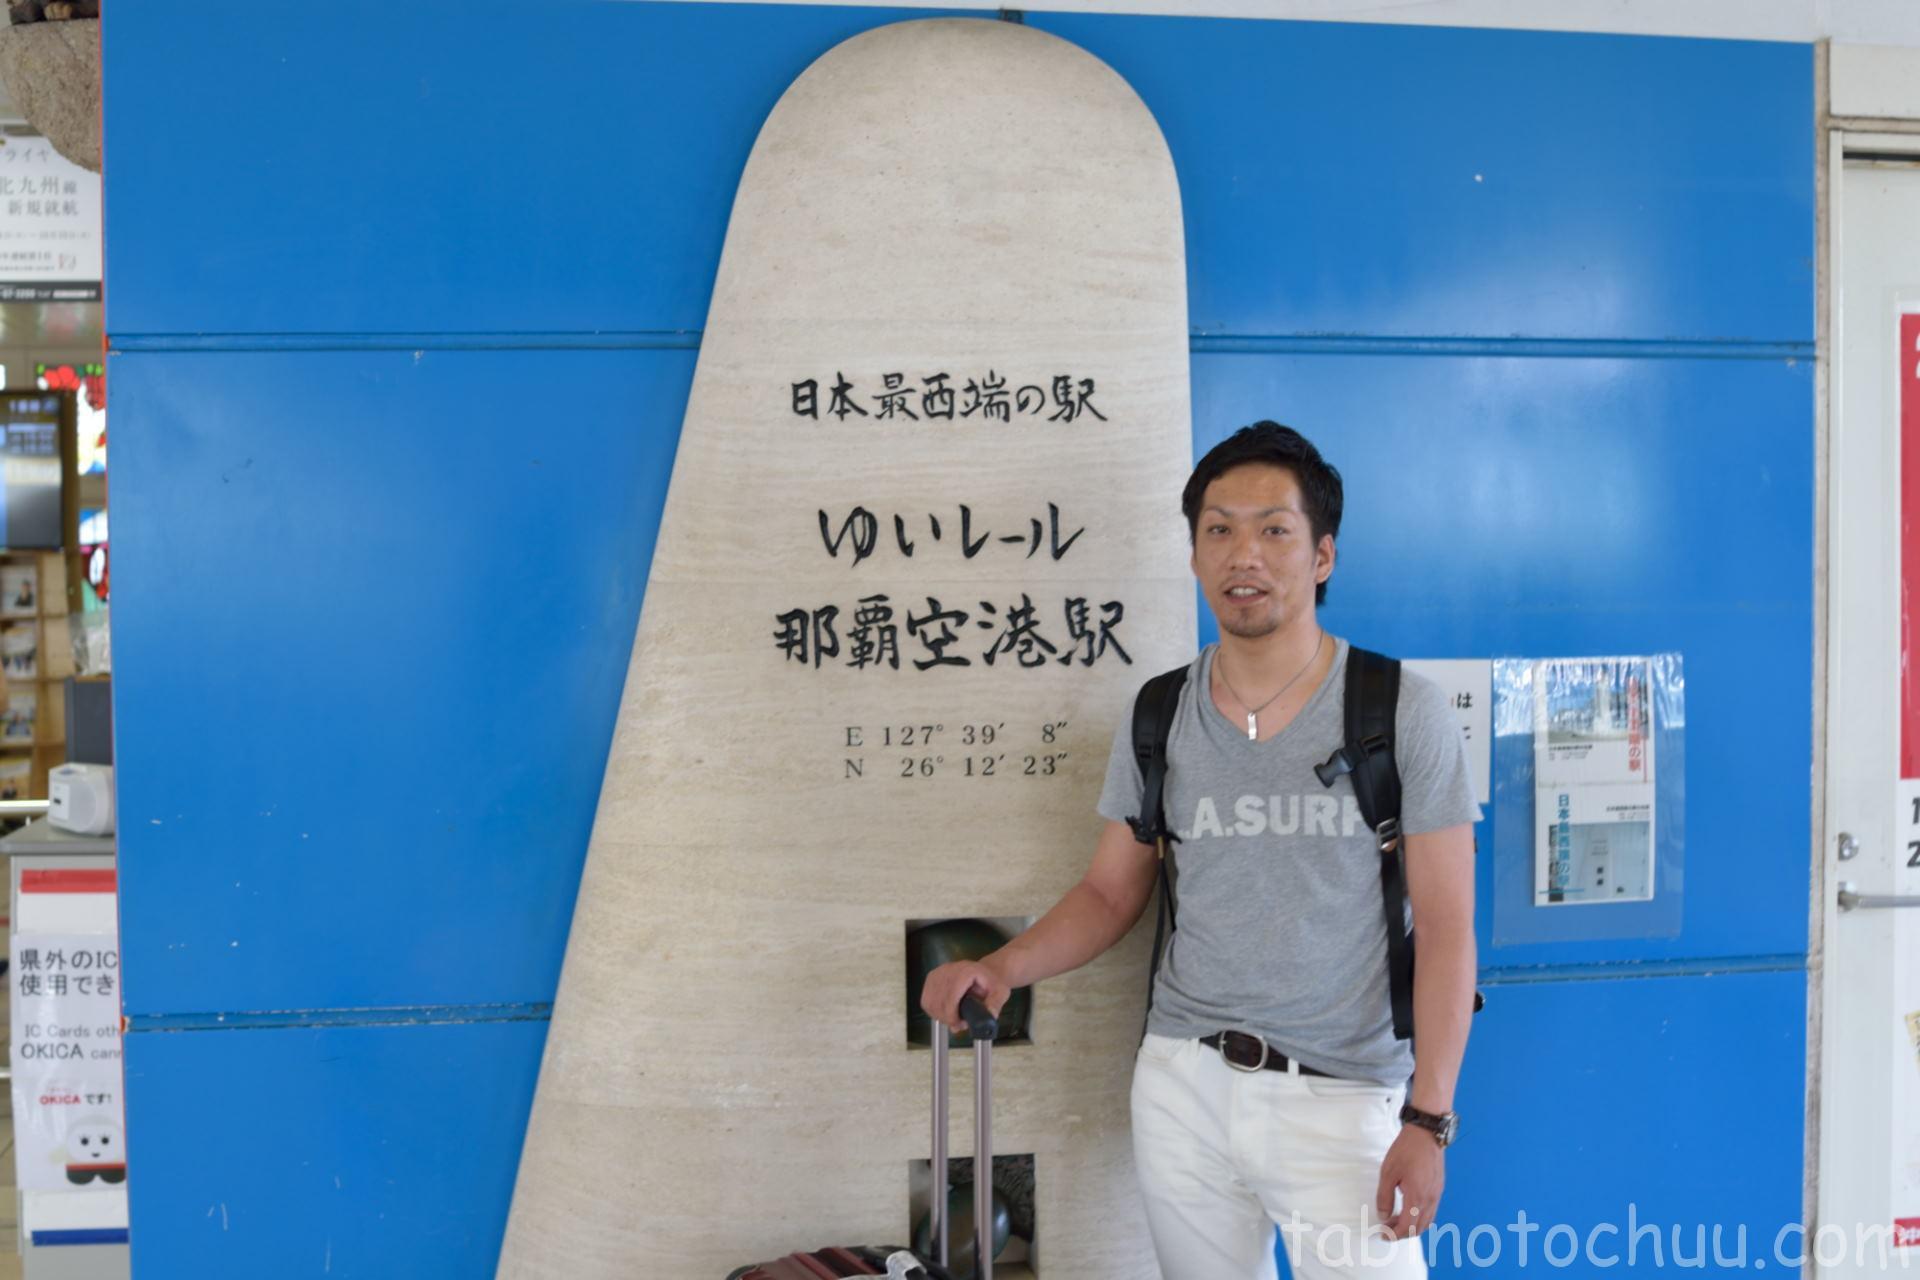 日本最西端の駅 ゆいレール那覇空港駅